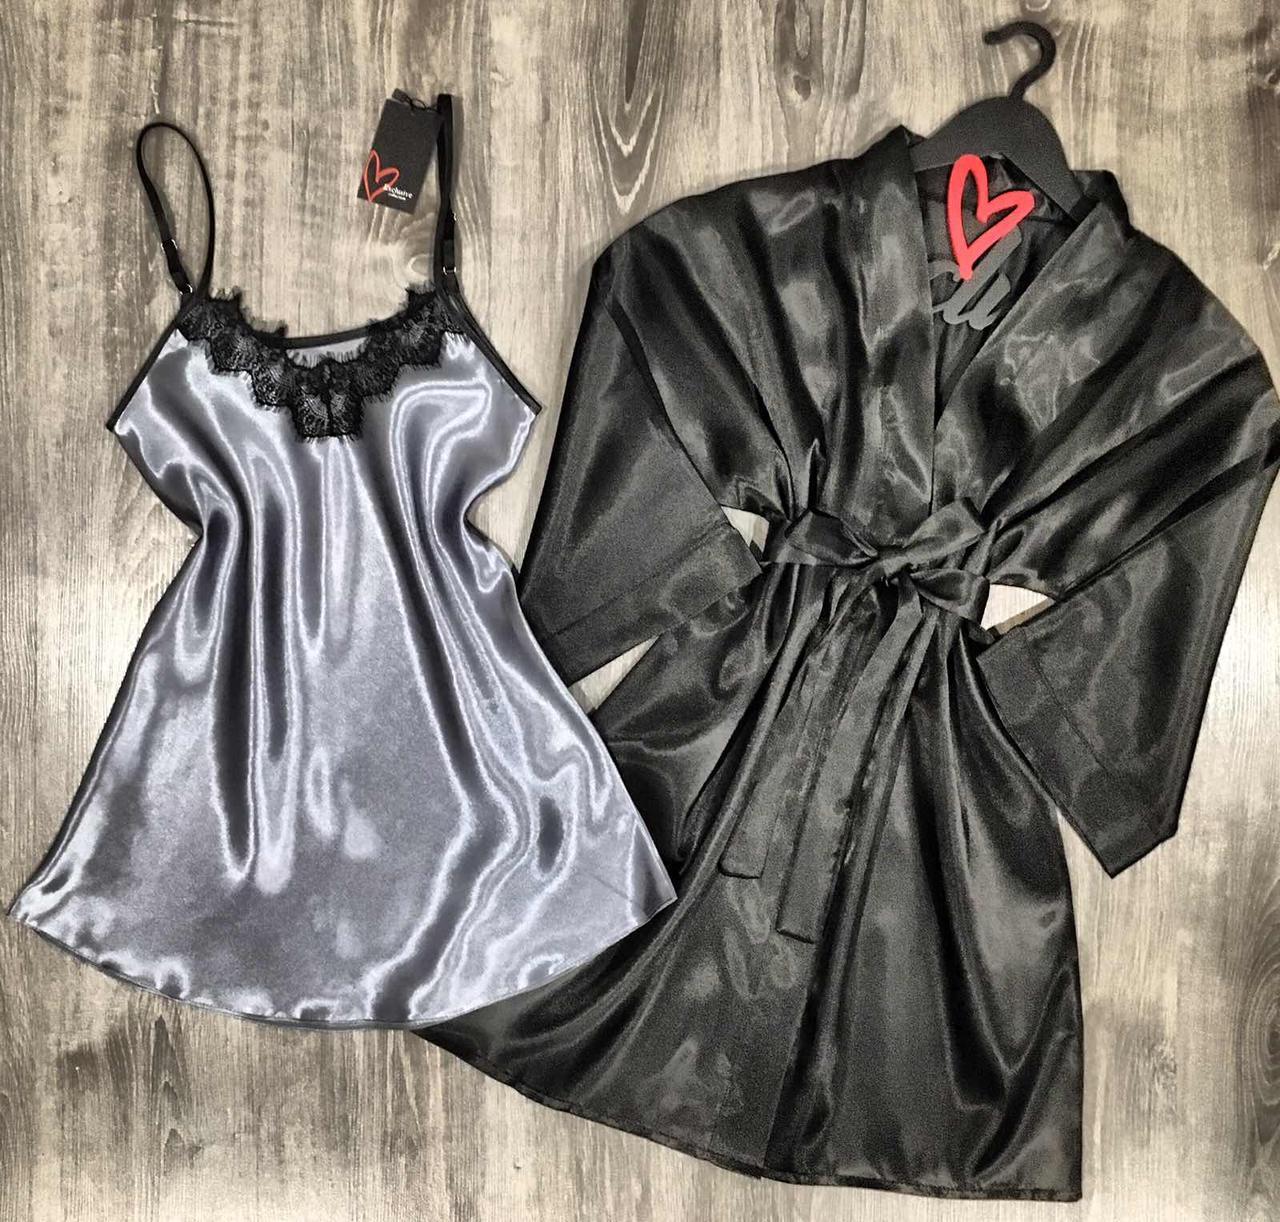 Комплект двойка халат и ночная сорочка.